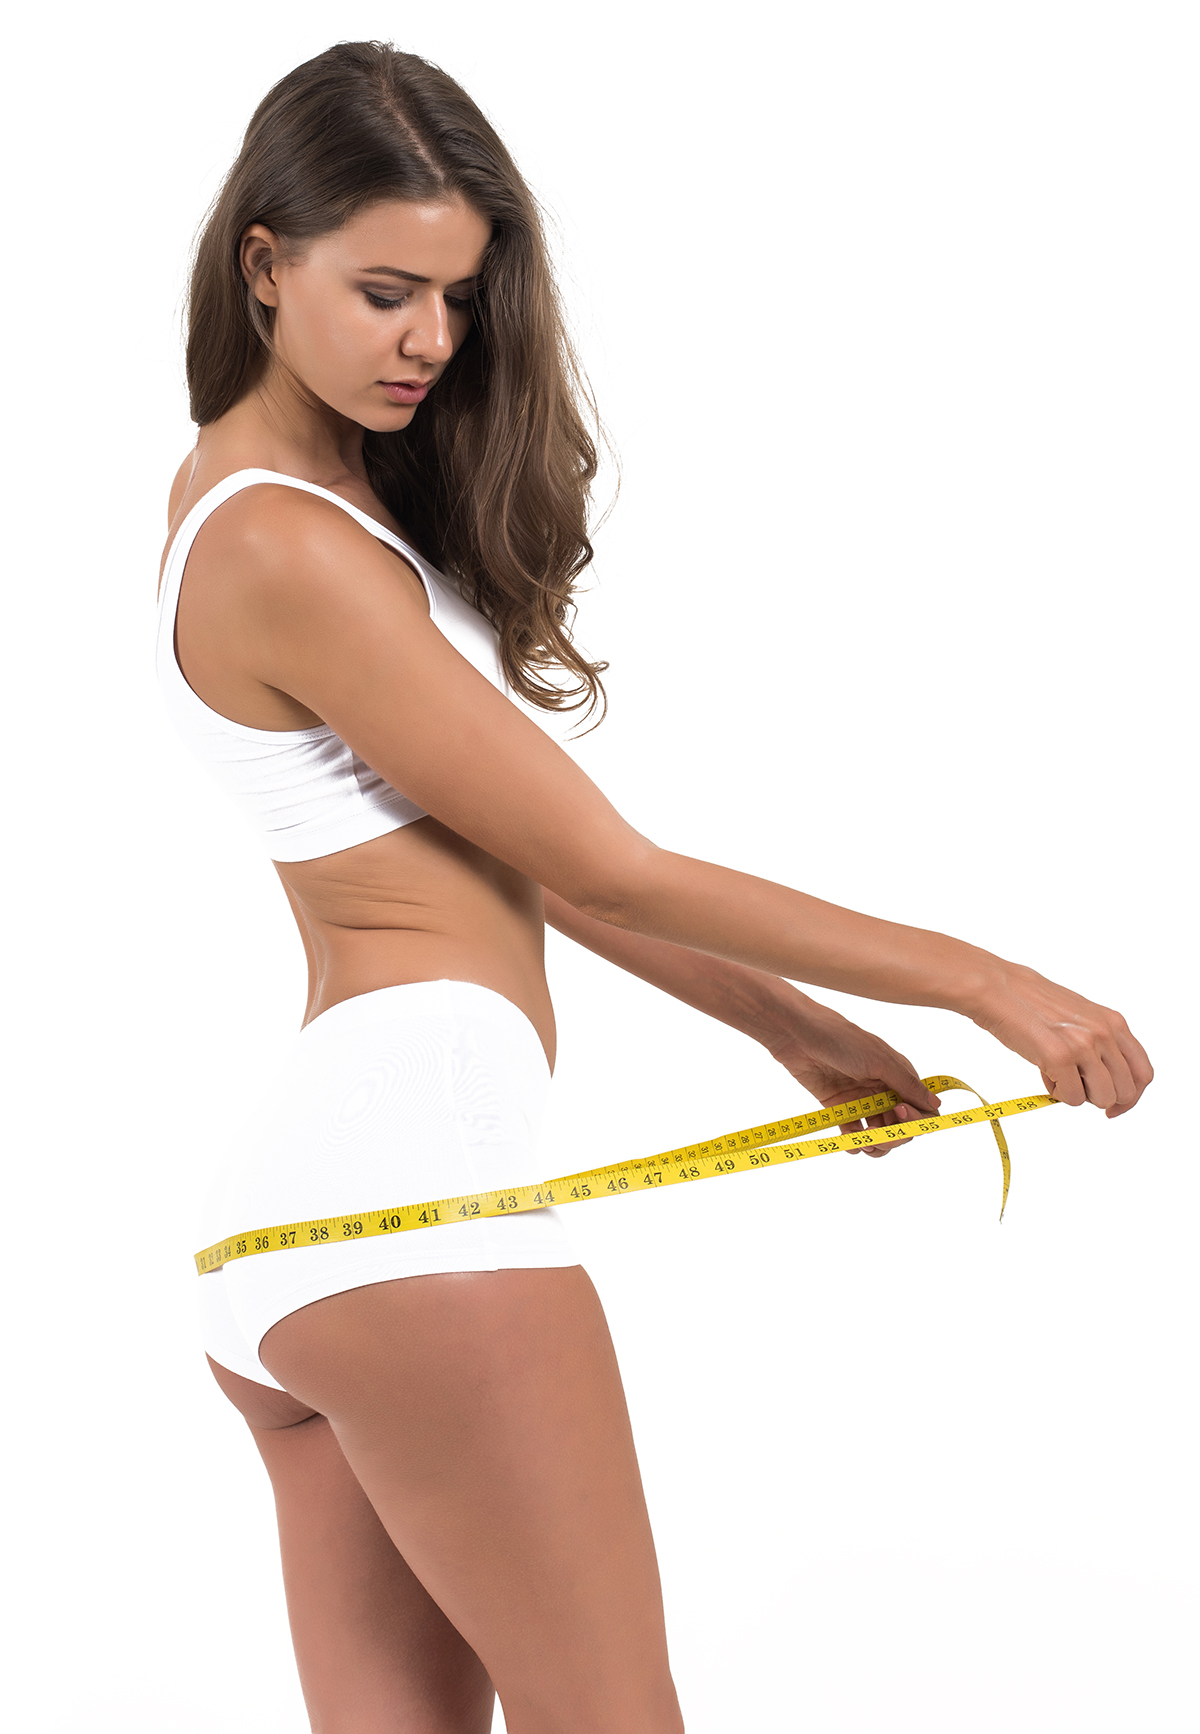 Frau ohne Cellulite